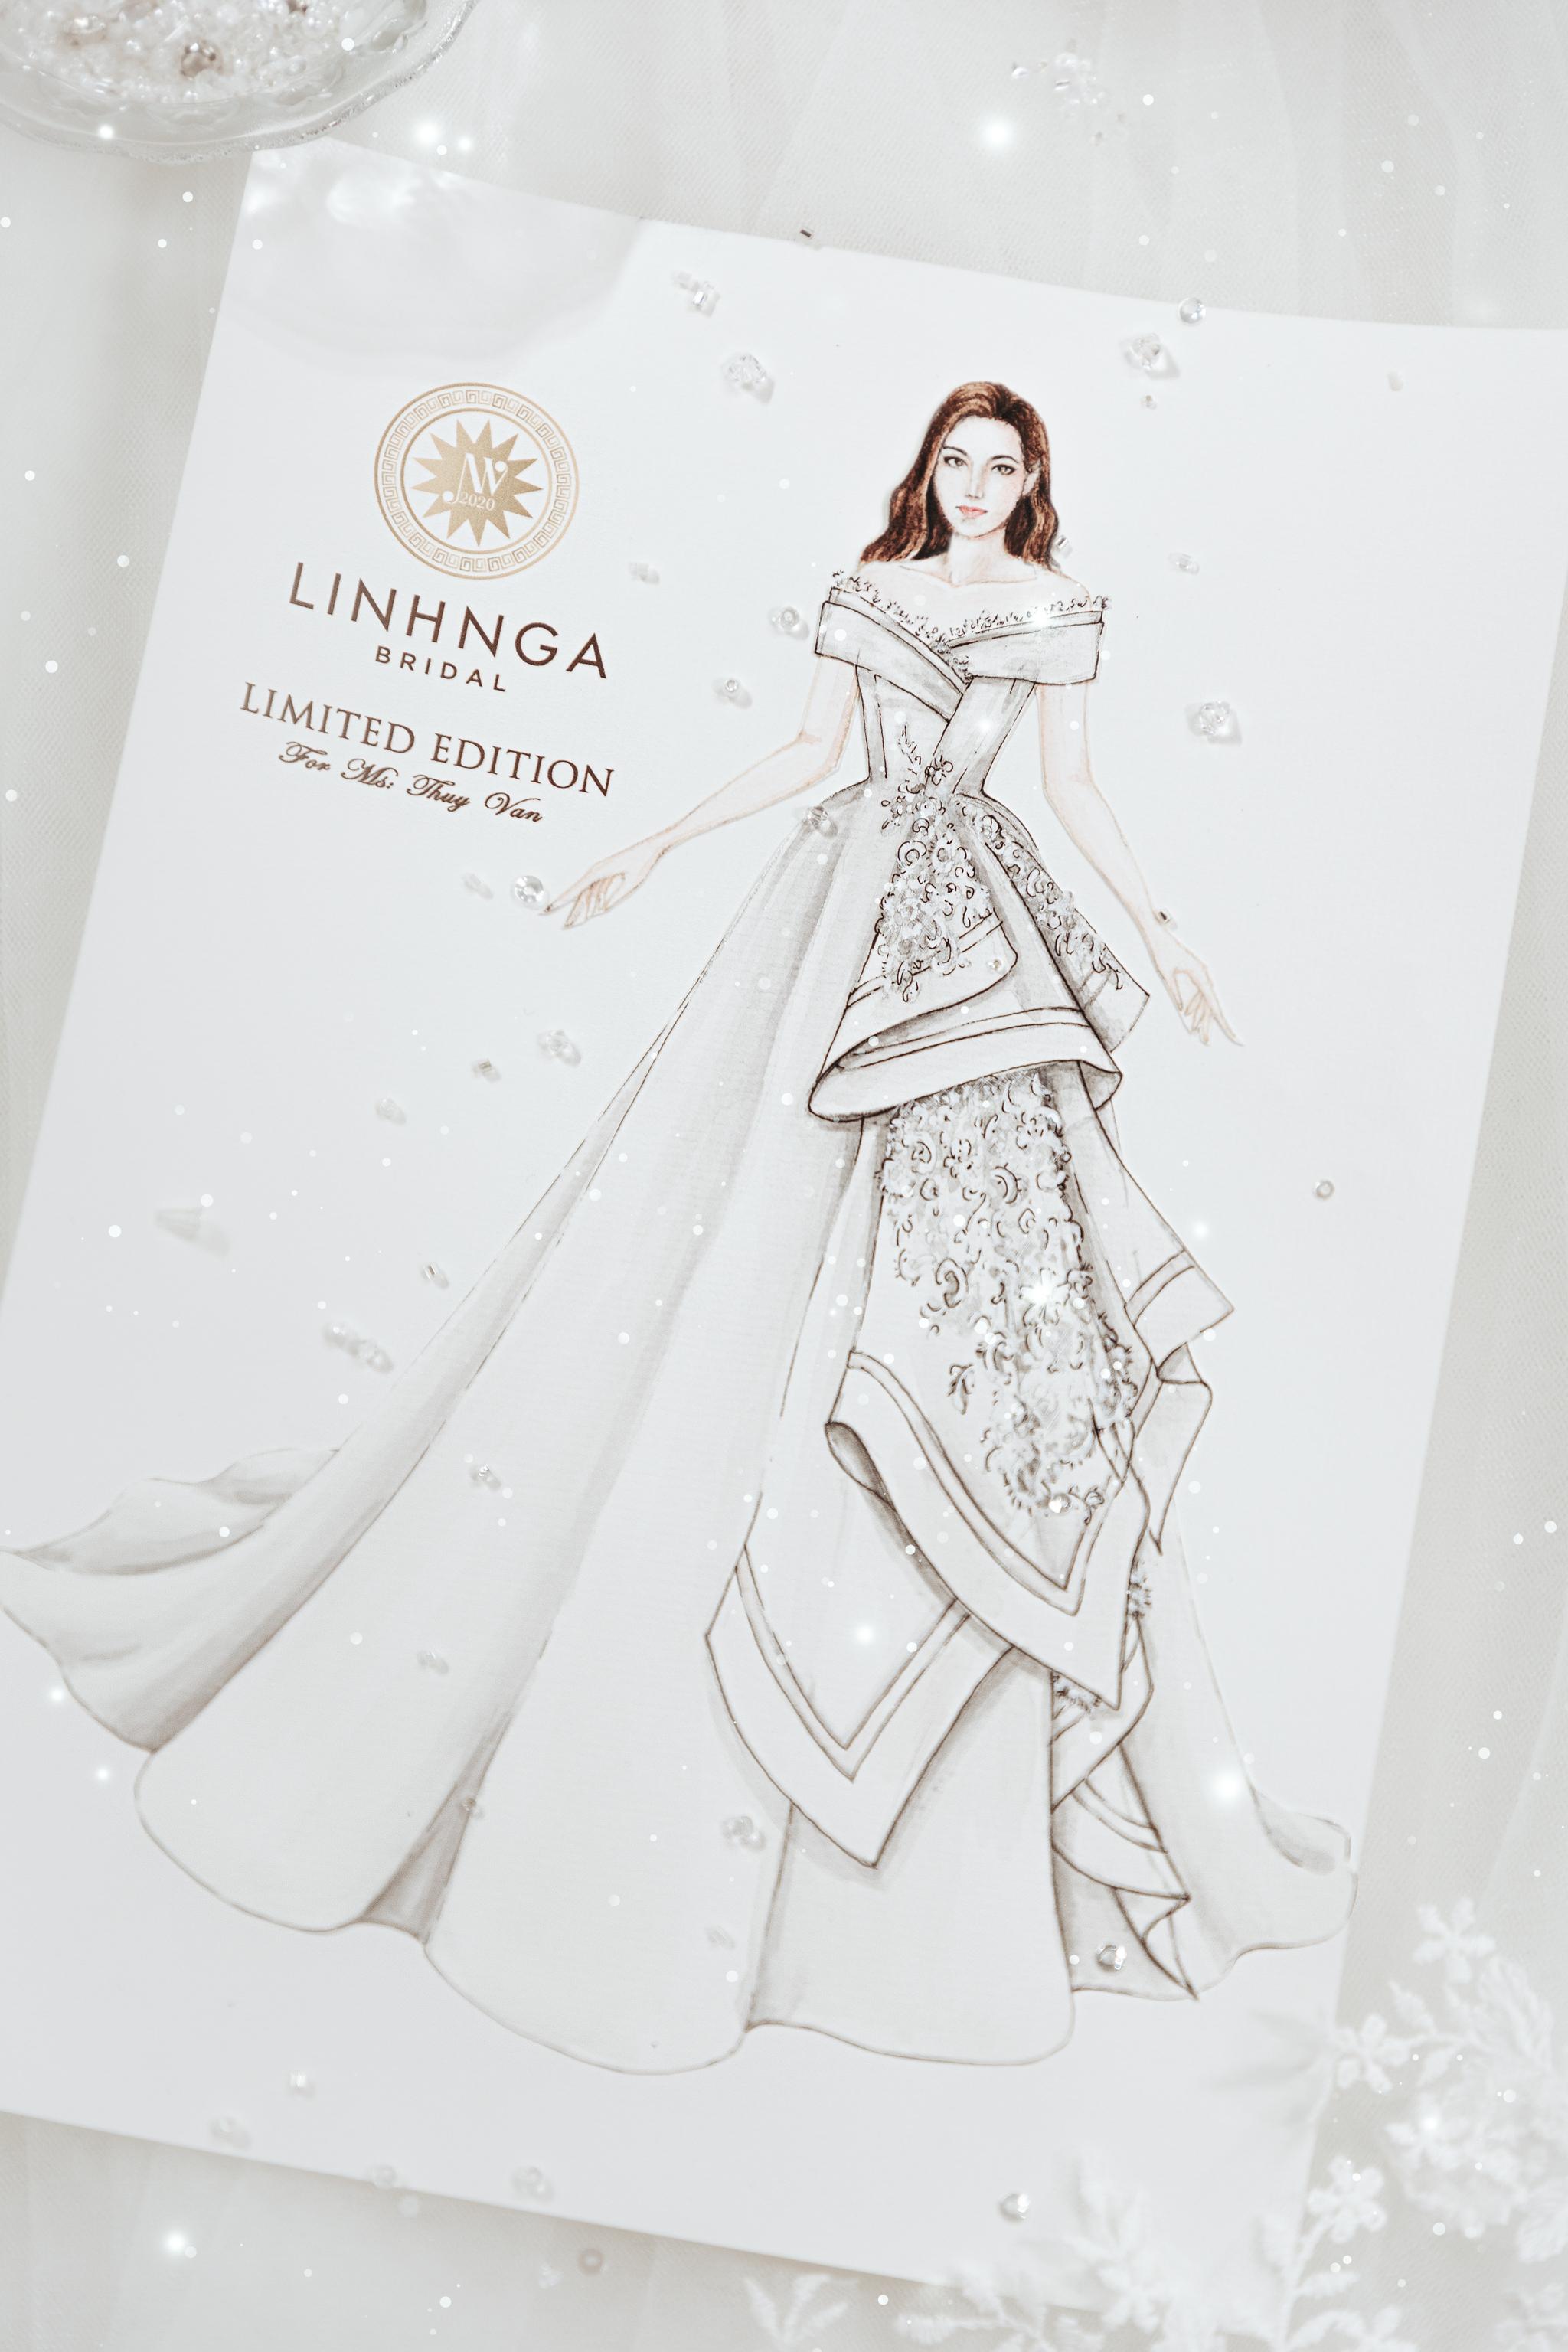 Trước giờ G, ngắm nhìn 1 trong 3 chiếc váy cưới của Á hậu Thúy Vân: Lộng lẫy chuẩn váy cưới của mọi cô gái. - Ảnh 1.